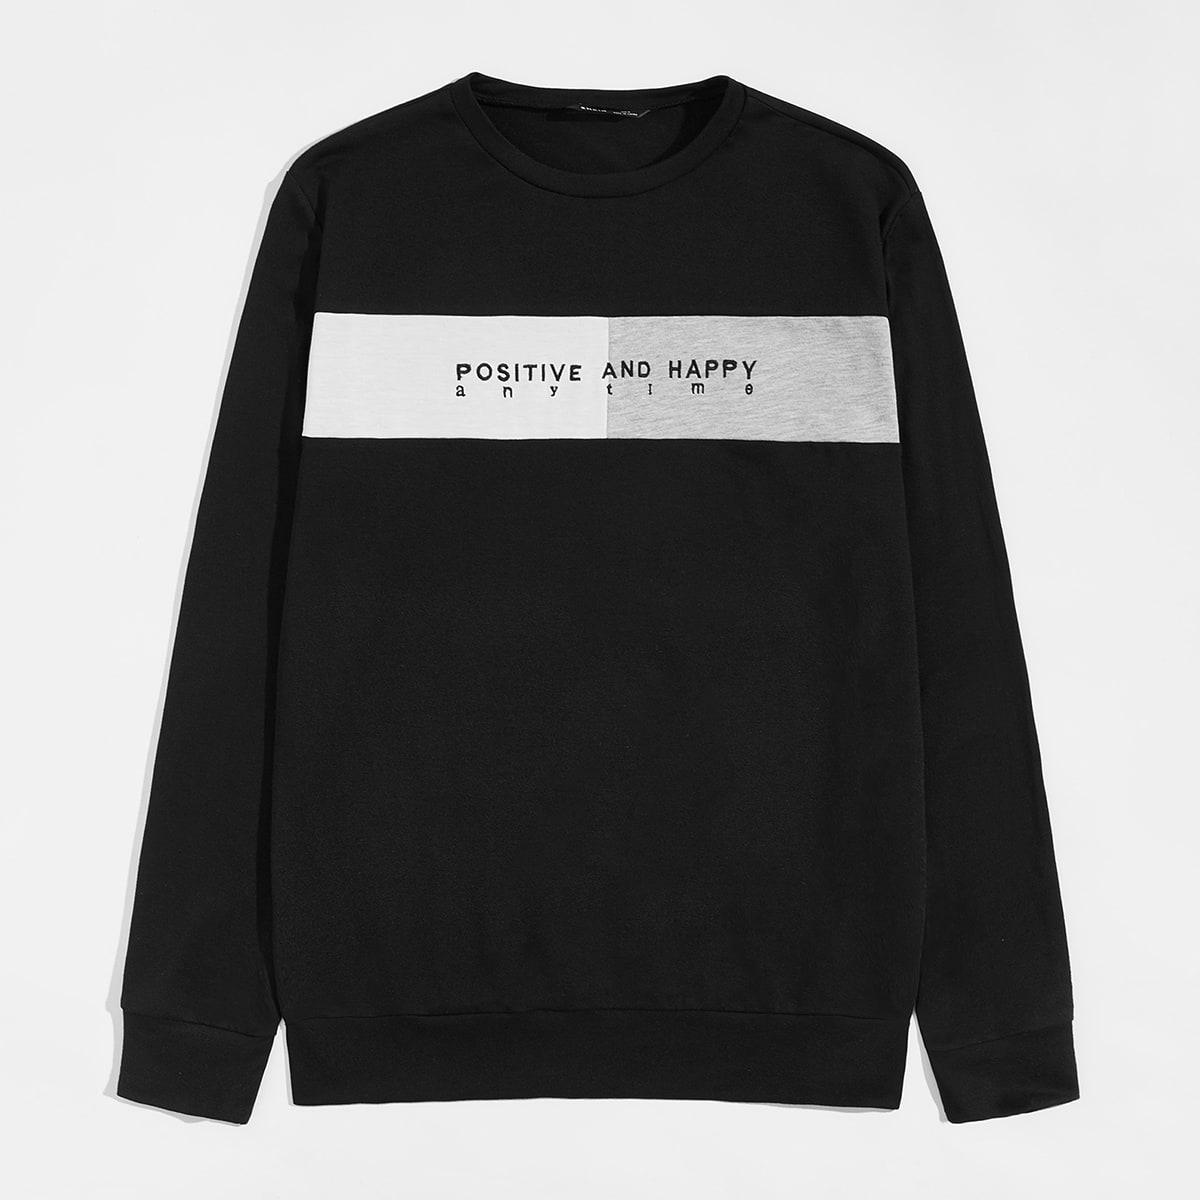 Мужской контрастный пуловер с текстовой вышивкой от SHEIN